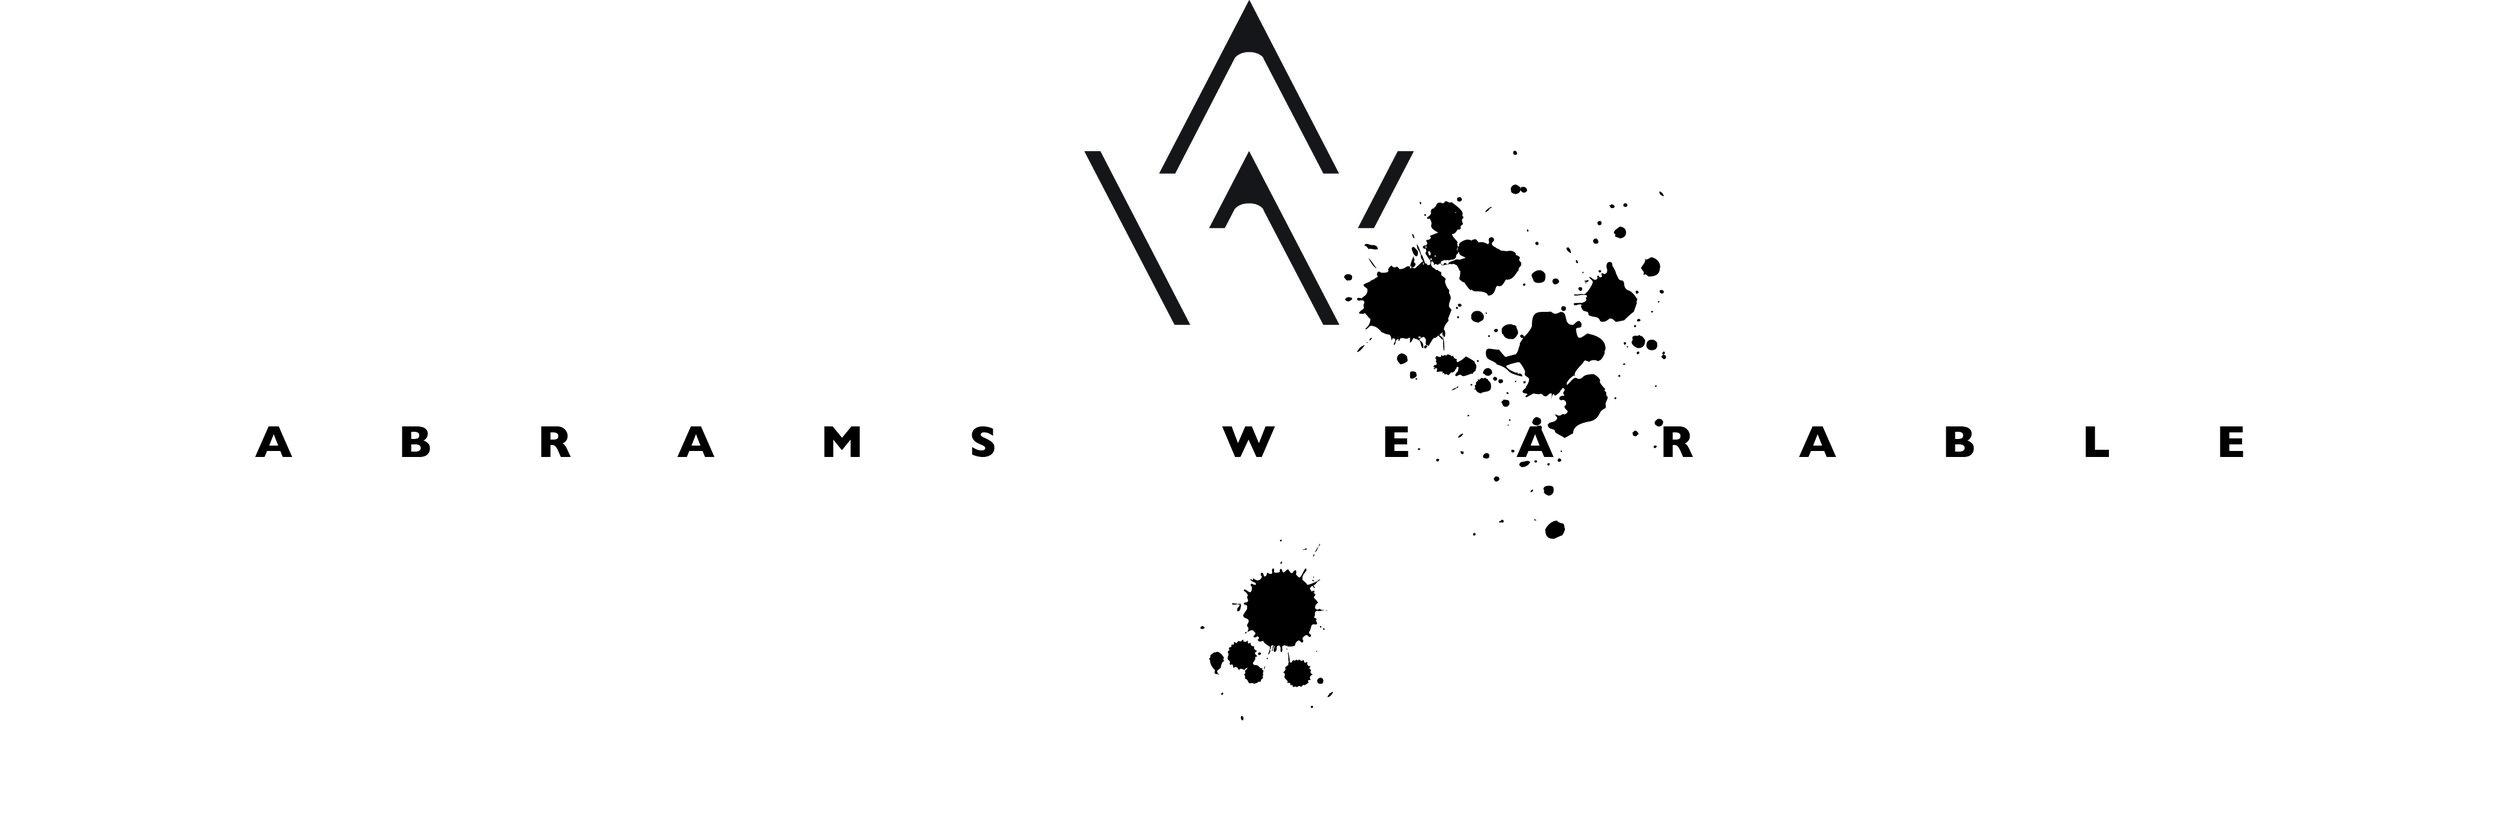 awspat3.jpg